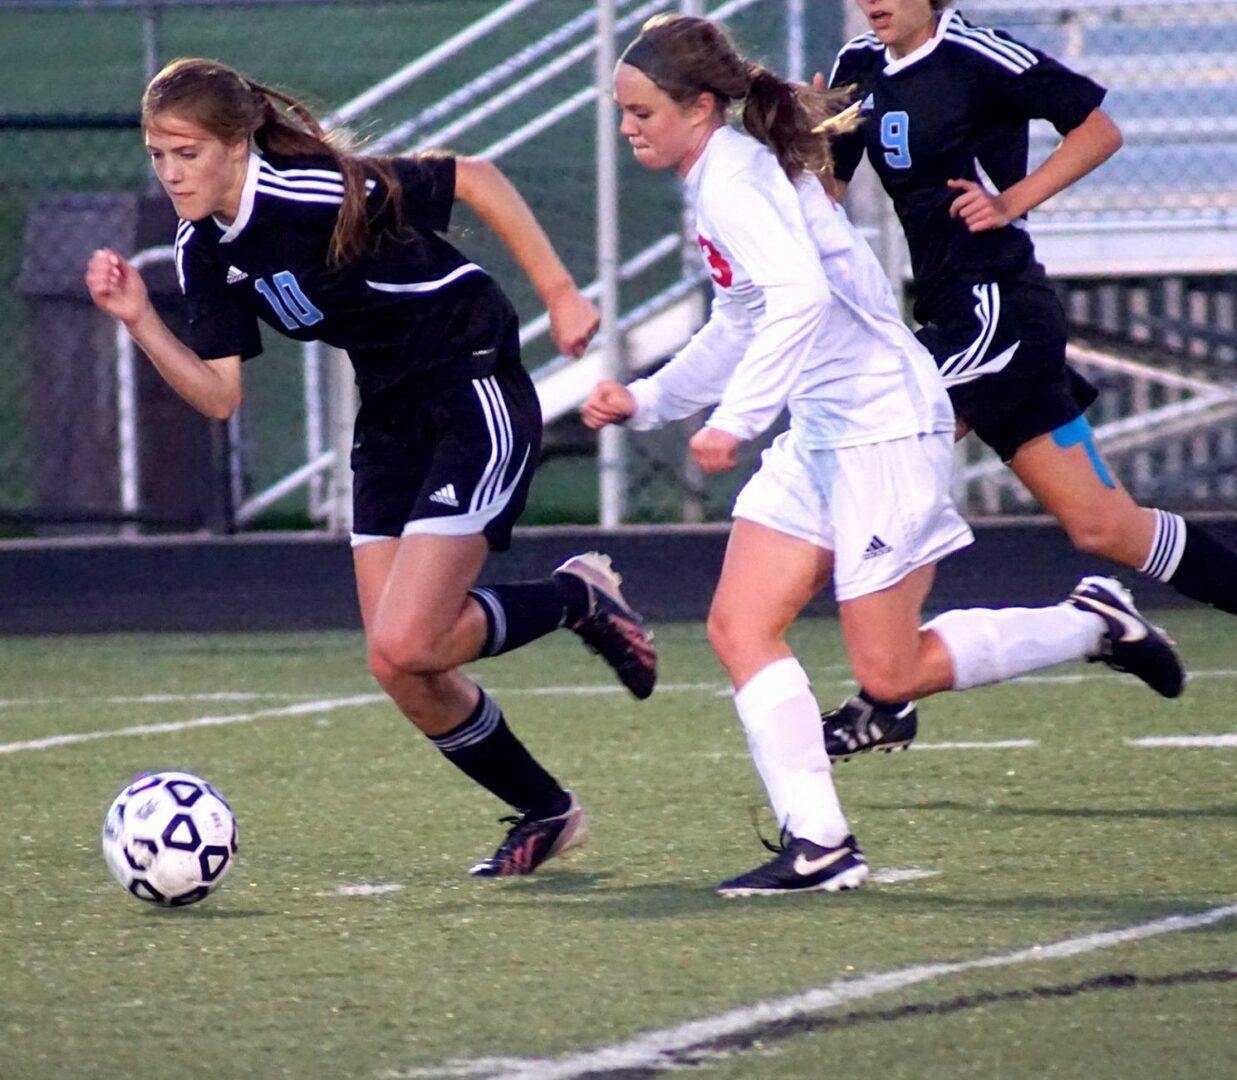 No. 3 Emily Batts runs up field against the Eagles' Maria Bolt. Photo/Leo Valdez